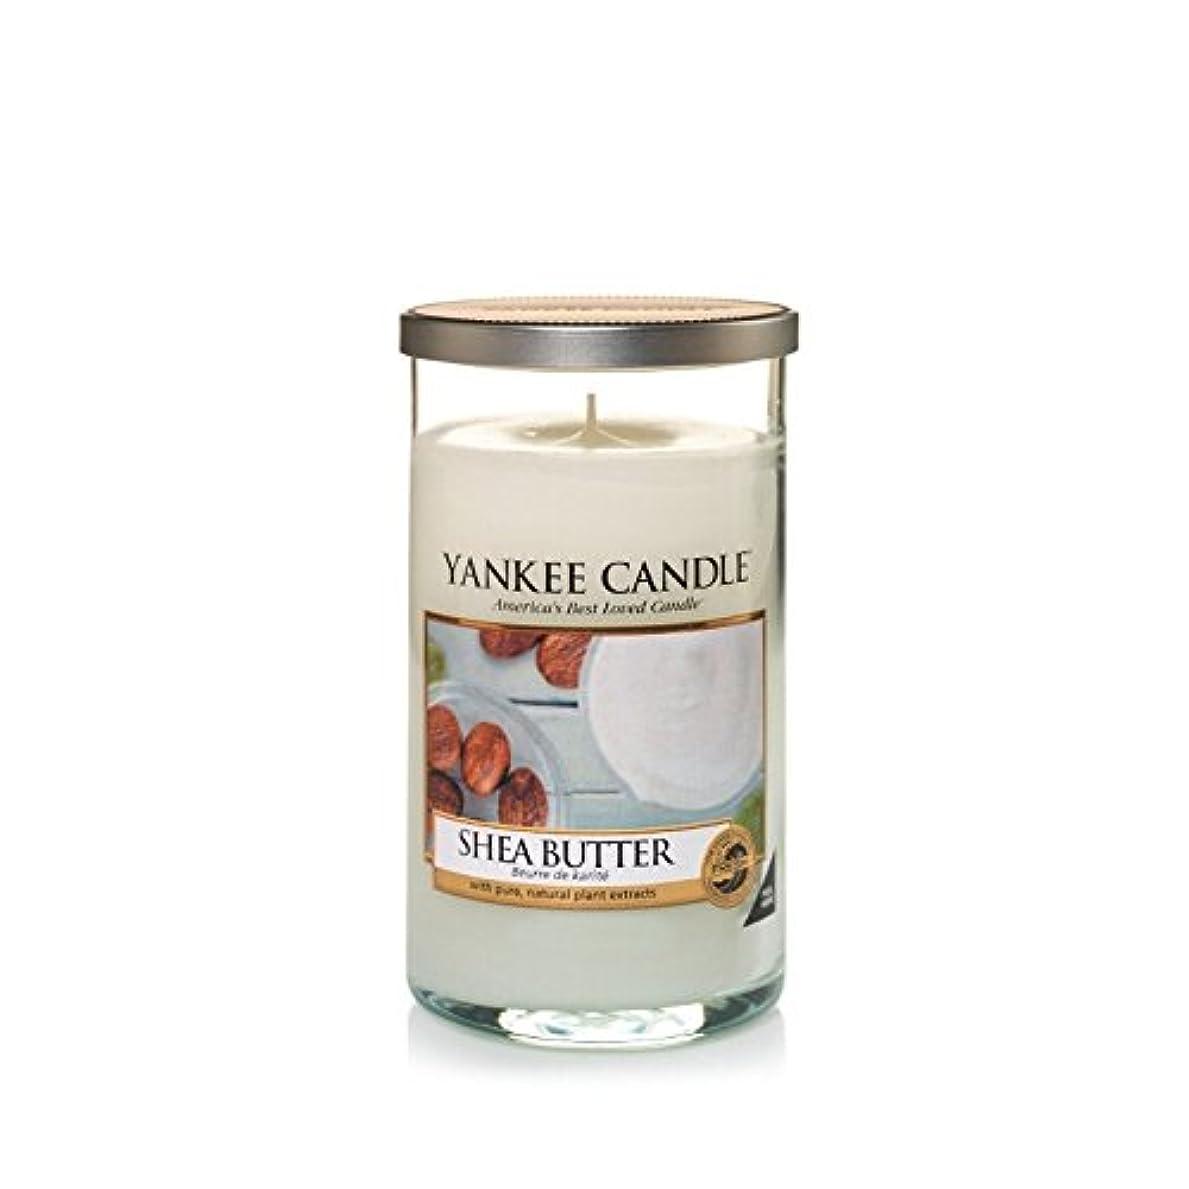 撤退メタリックステートメントYankee Candles Medium Pillar Candle - Shea Butter (Pack of 6) - ヤンキーキャンドルメディアピラーキャンドル - シアバター (x6) [並行輸入品]